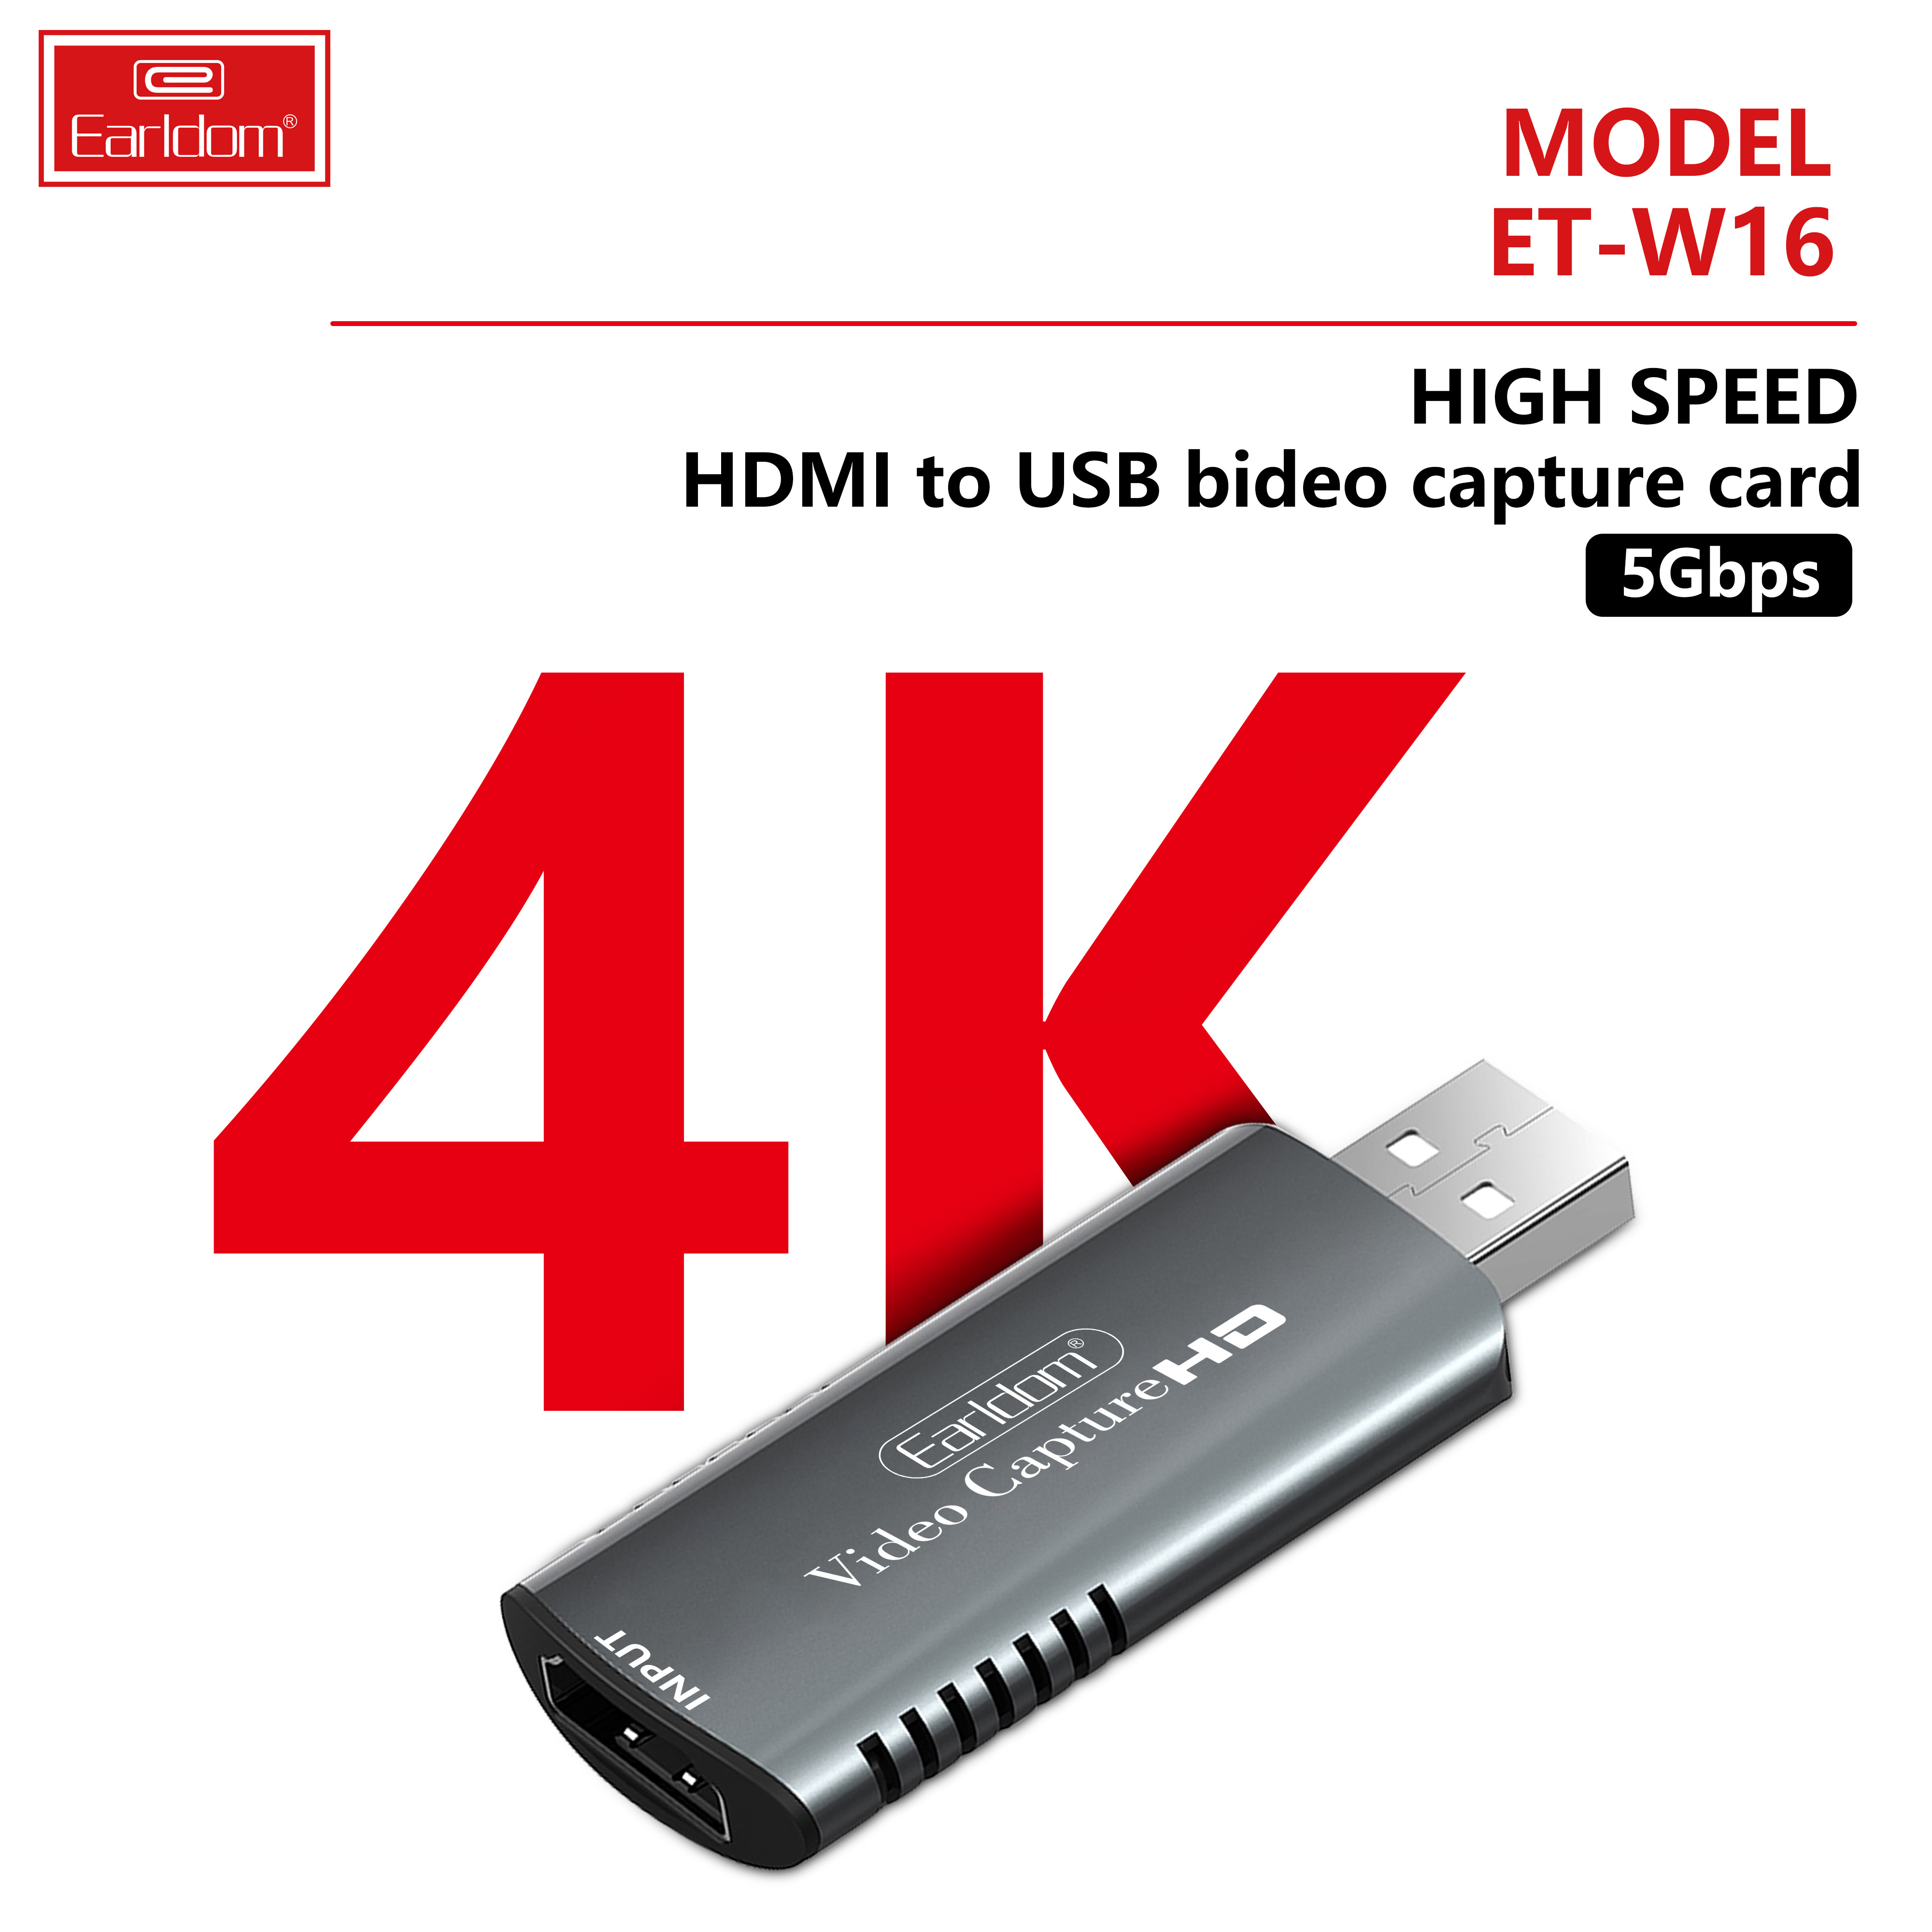 Bộ Chuyển HDMI to USB Video Capture Earldom W16 - Hỗ Trợ Live Stream, Ghi Hình Từ Điện Thoại, Camera, PS4, XBOX (Màu Ngẫu Nhiên) - Hàng Chính Hãng